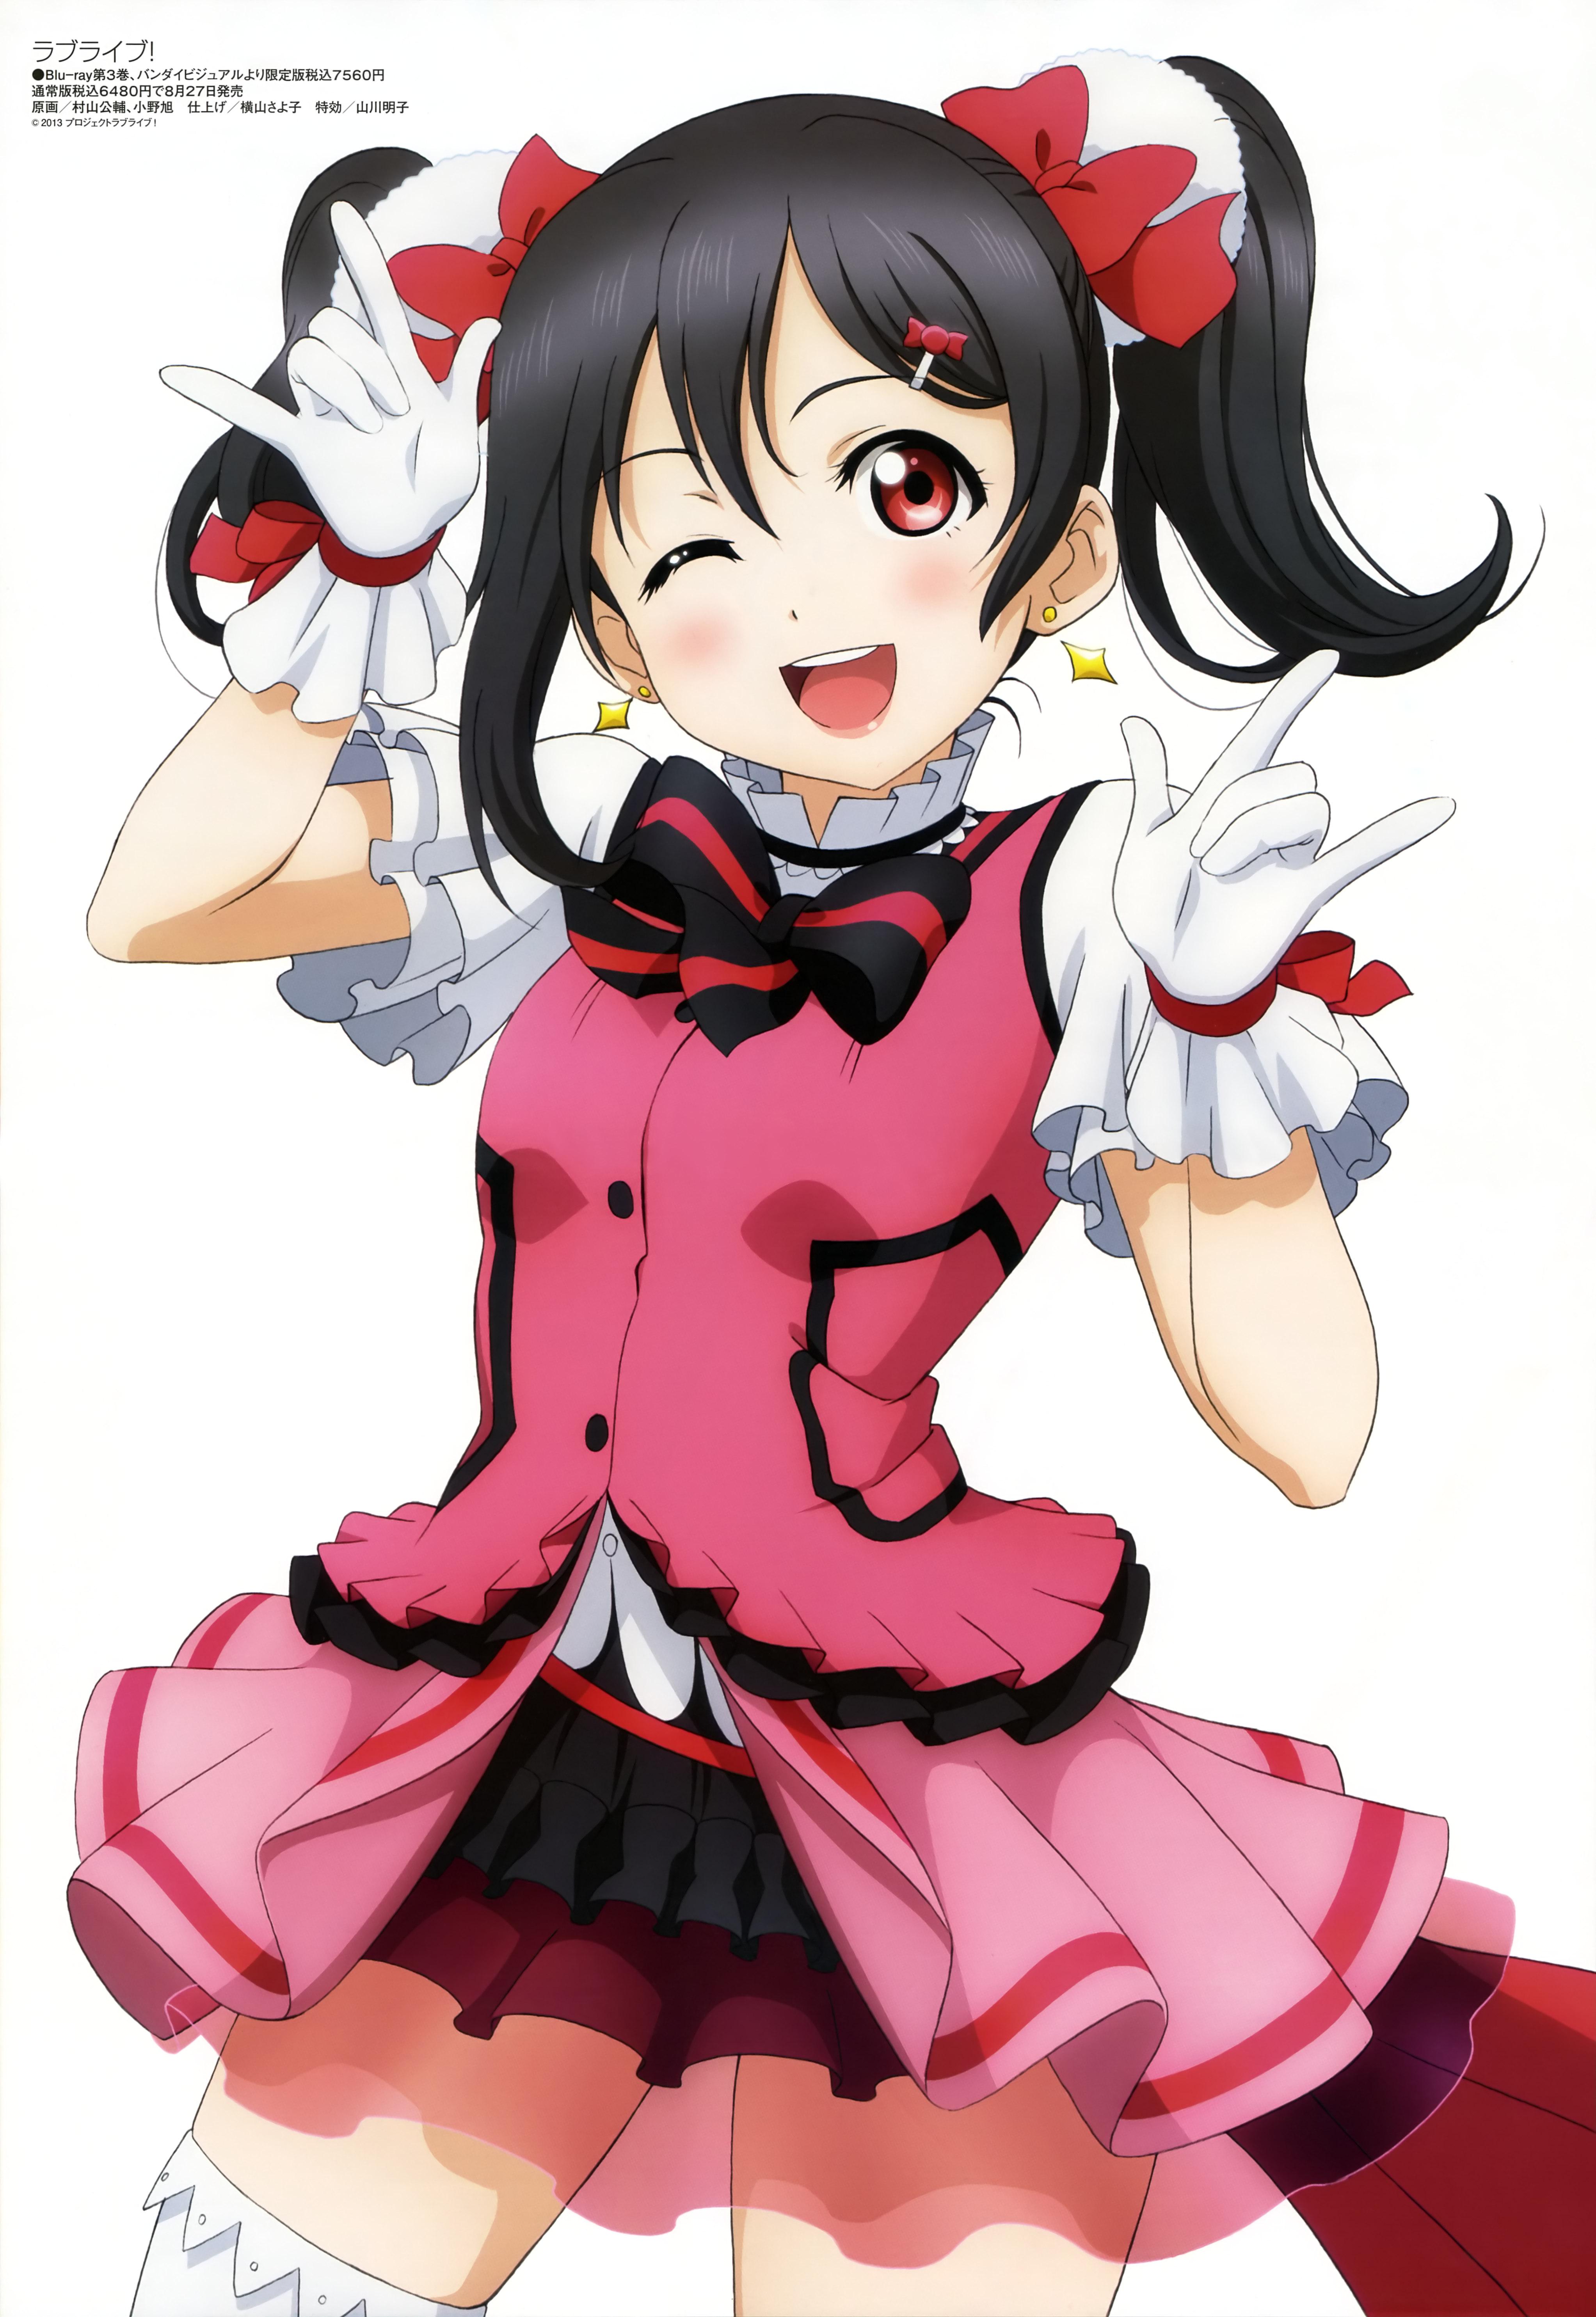 Love Live Wallpaper Zerochan : Yazawa Niko - Love Live! - Mobile Wallpaper #1750643 ...